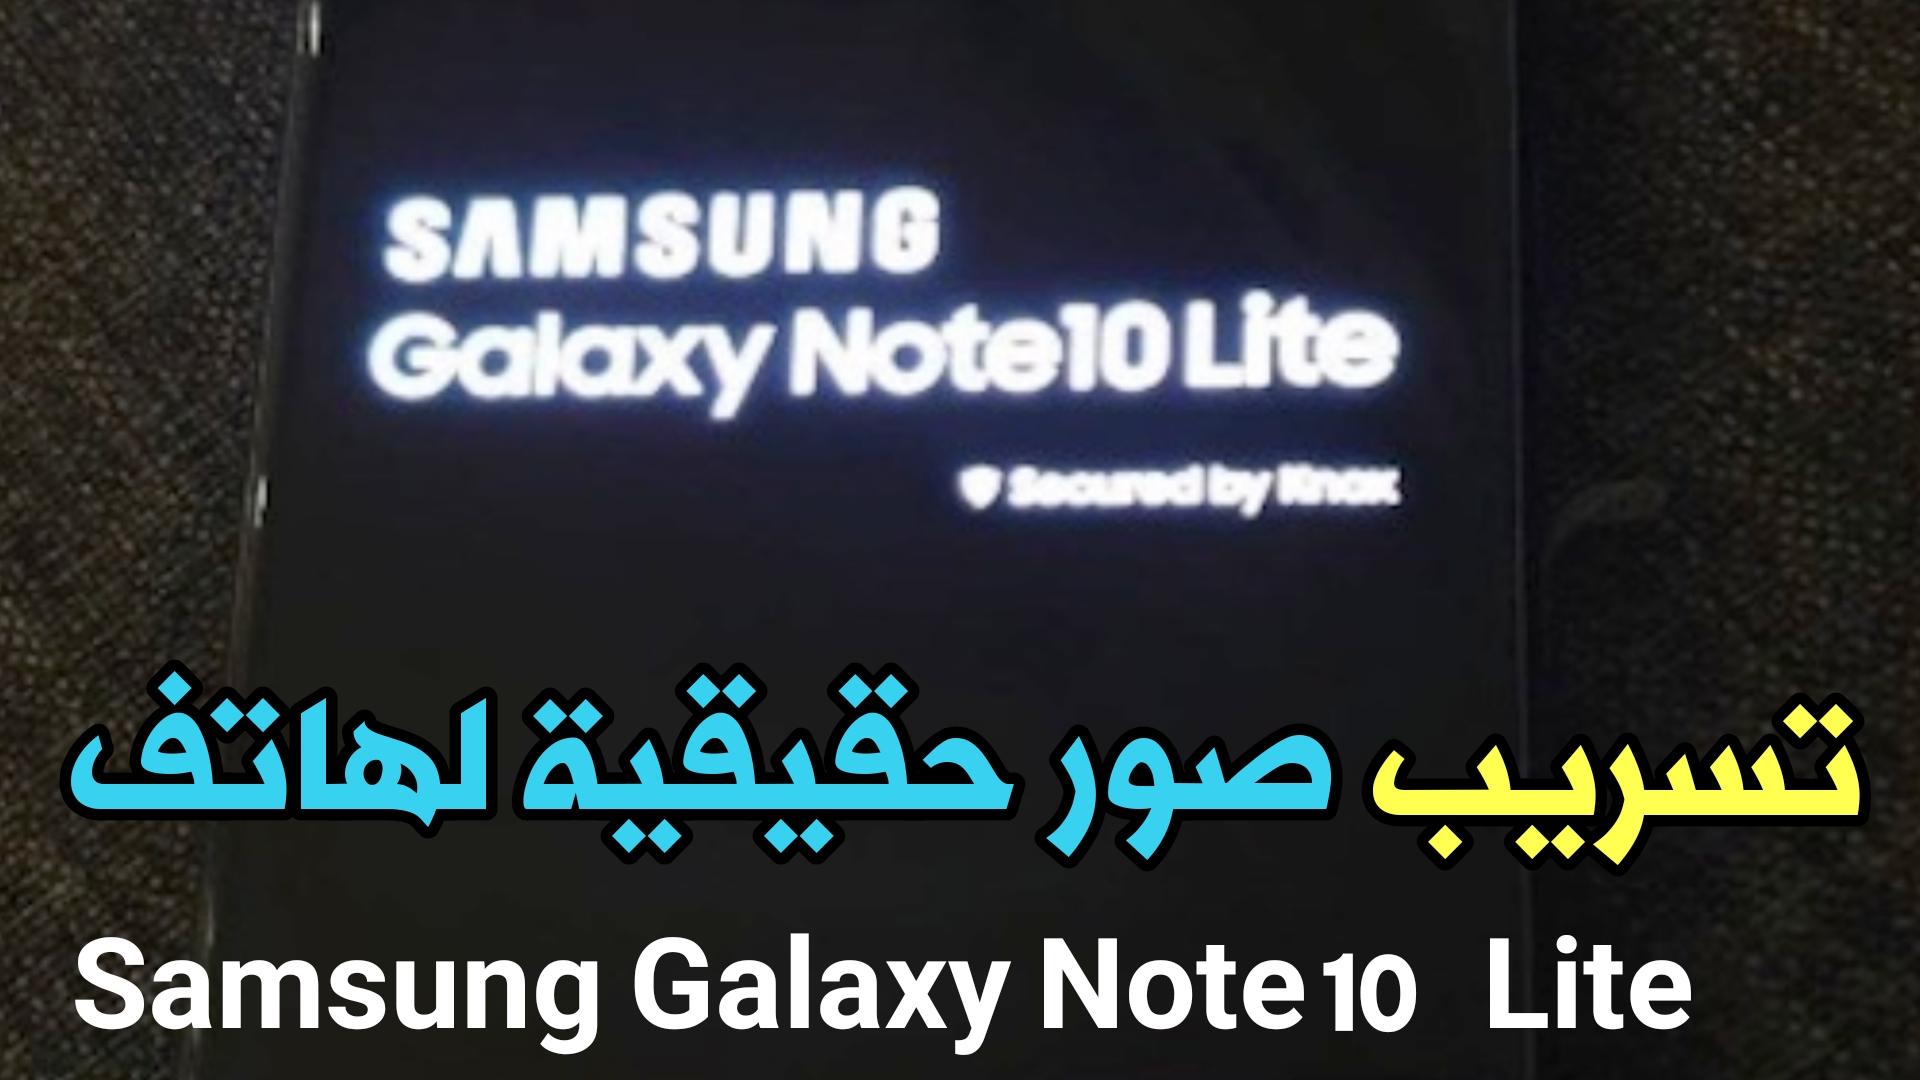 تسريب صور حقيقية لهاتف Samsung Galaxy Note 10 Lite في وضع التشغيل قبل الأعلان عنة